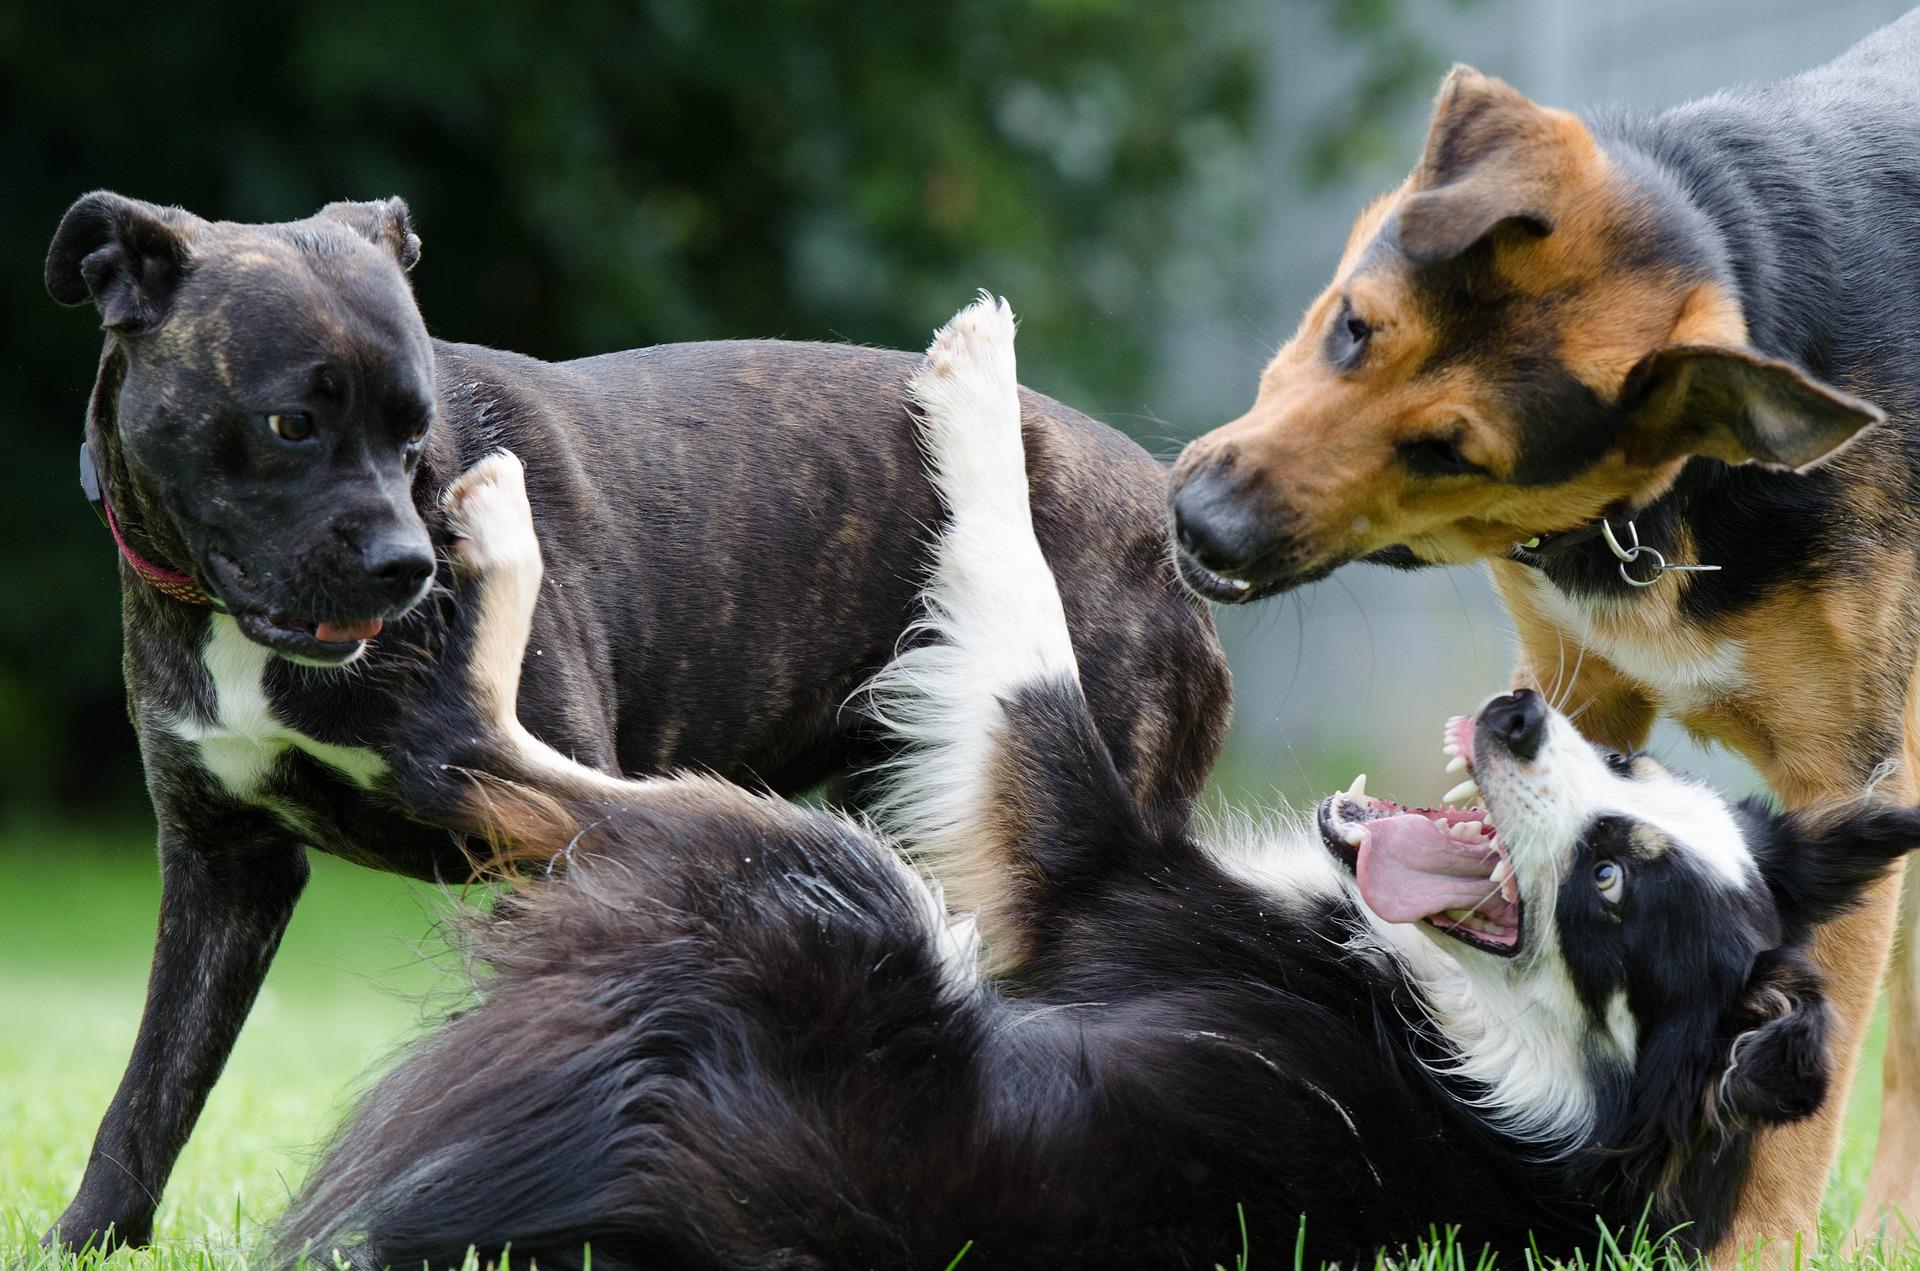 Quando são 3 ou mais cães envolvidos na brincadeira, é mais propenso a evoluir para uma briga.